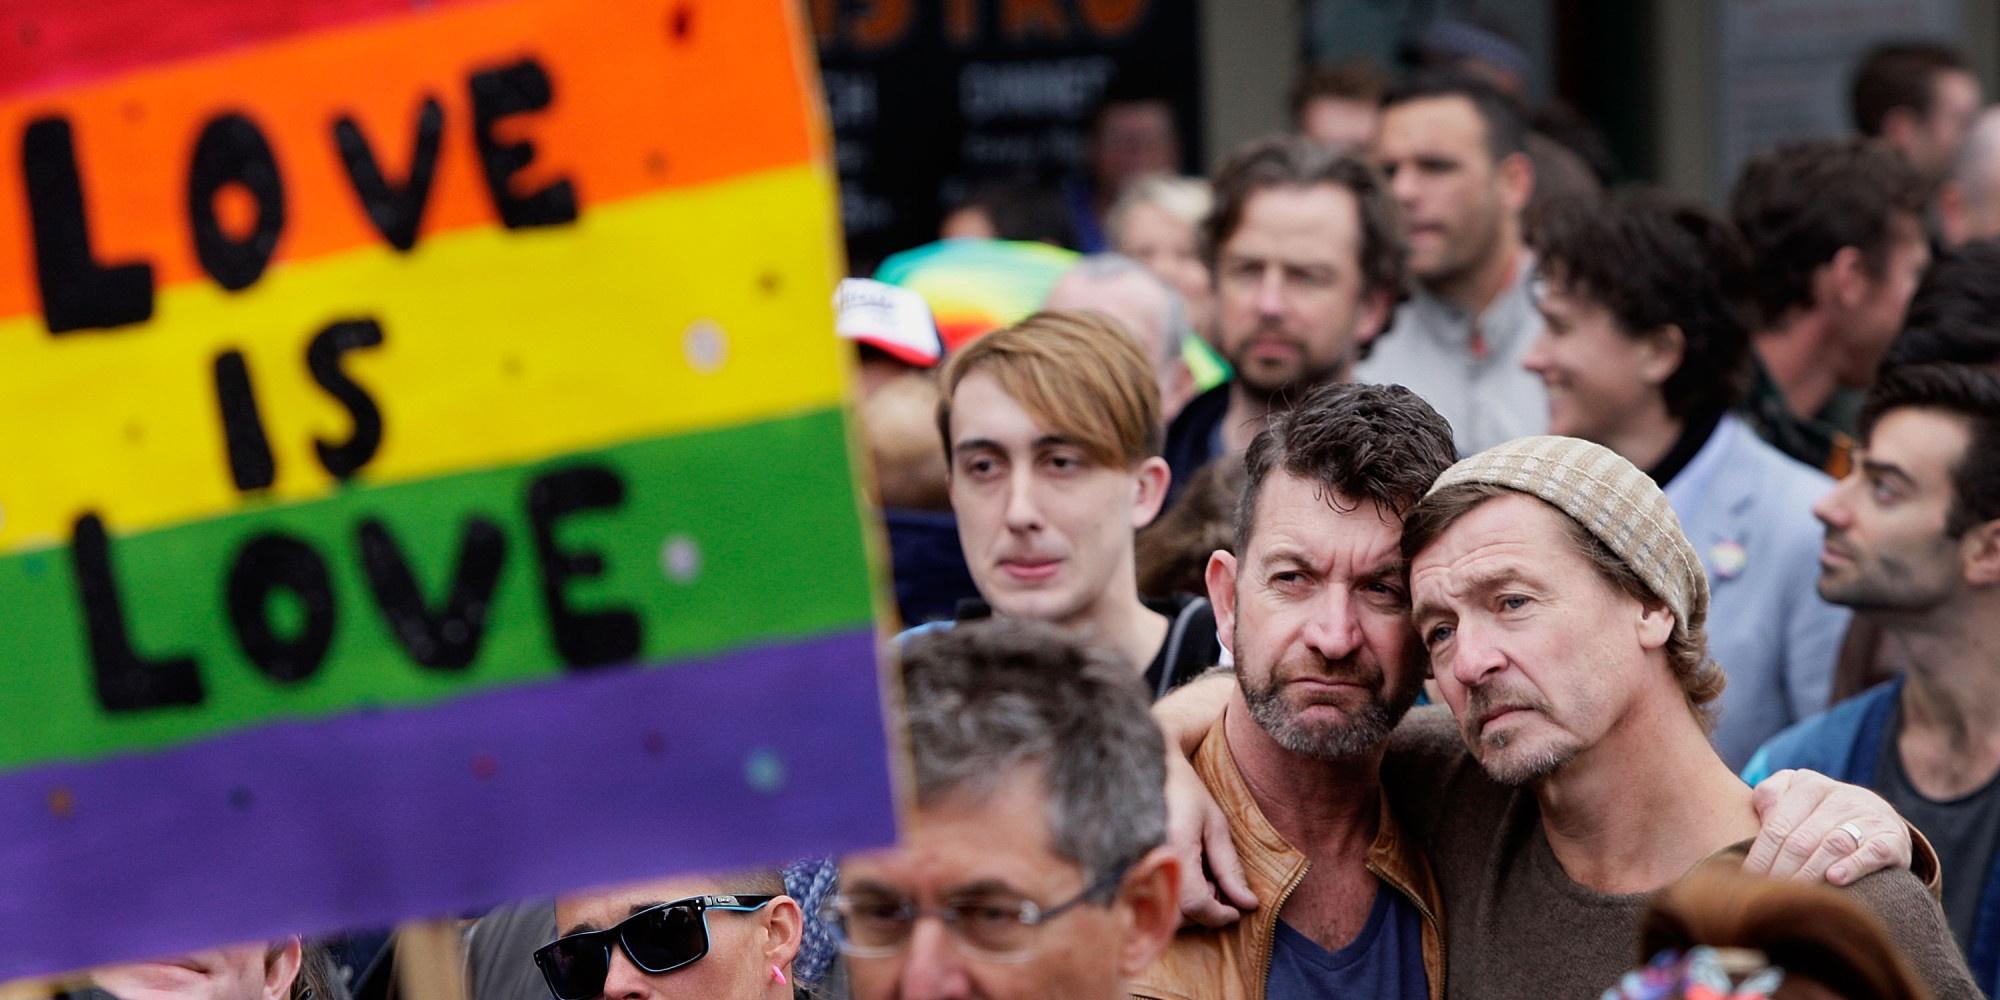 Ehe für alle! Zug der Liebe als Zeichen für die soziale Gerechtigkeit.